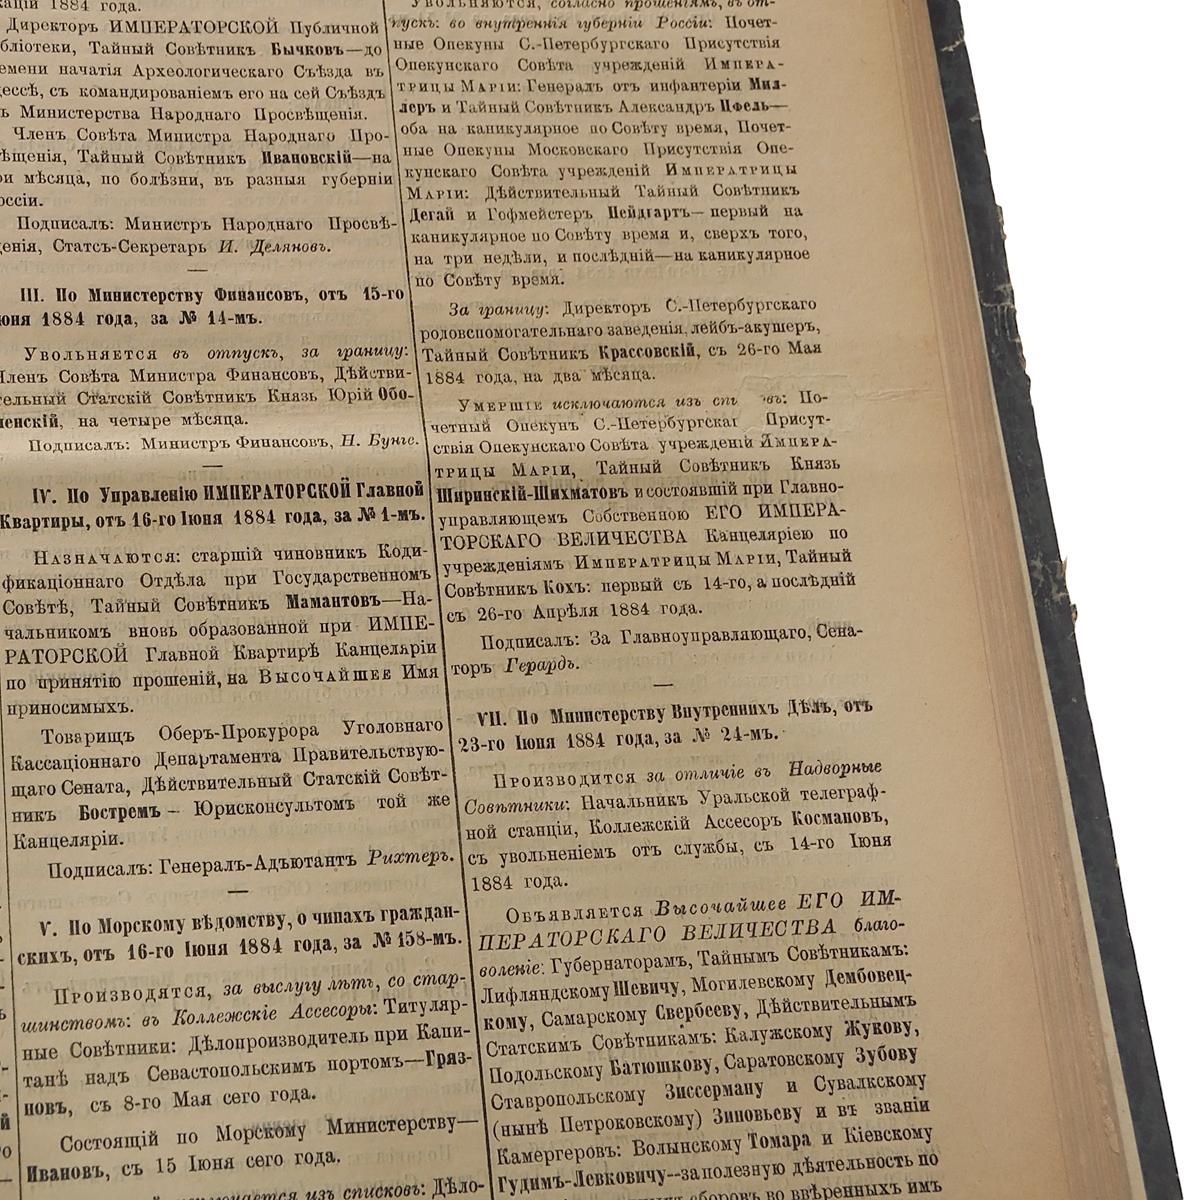 Санкт-Петербургские сенатские ведомости. 1884 год. Годовой комплект.